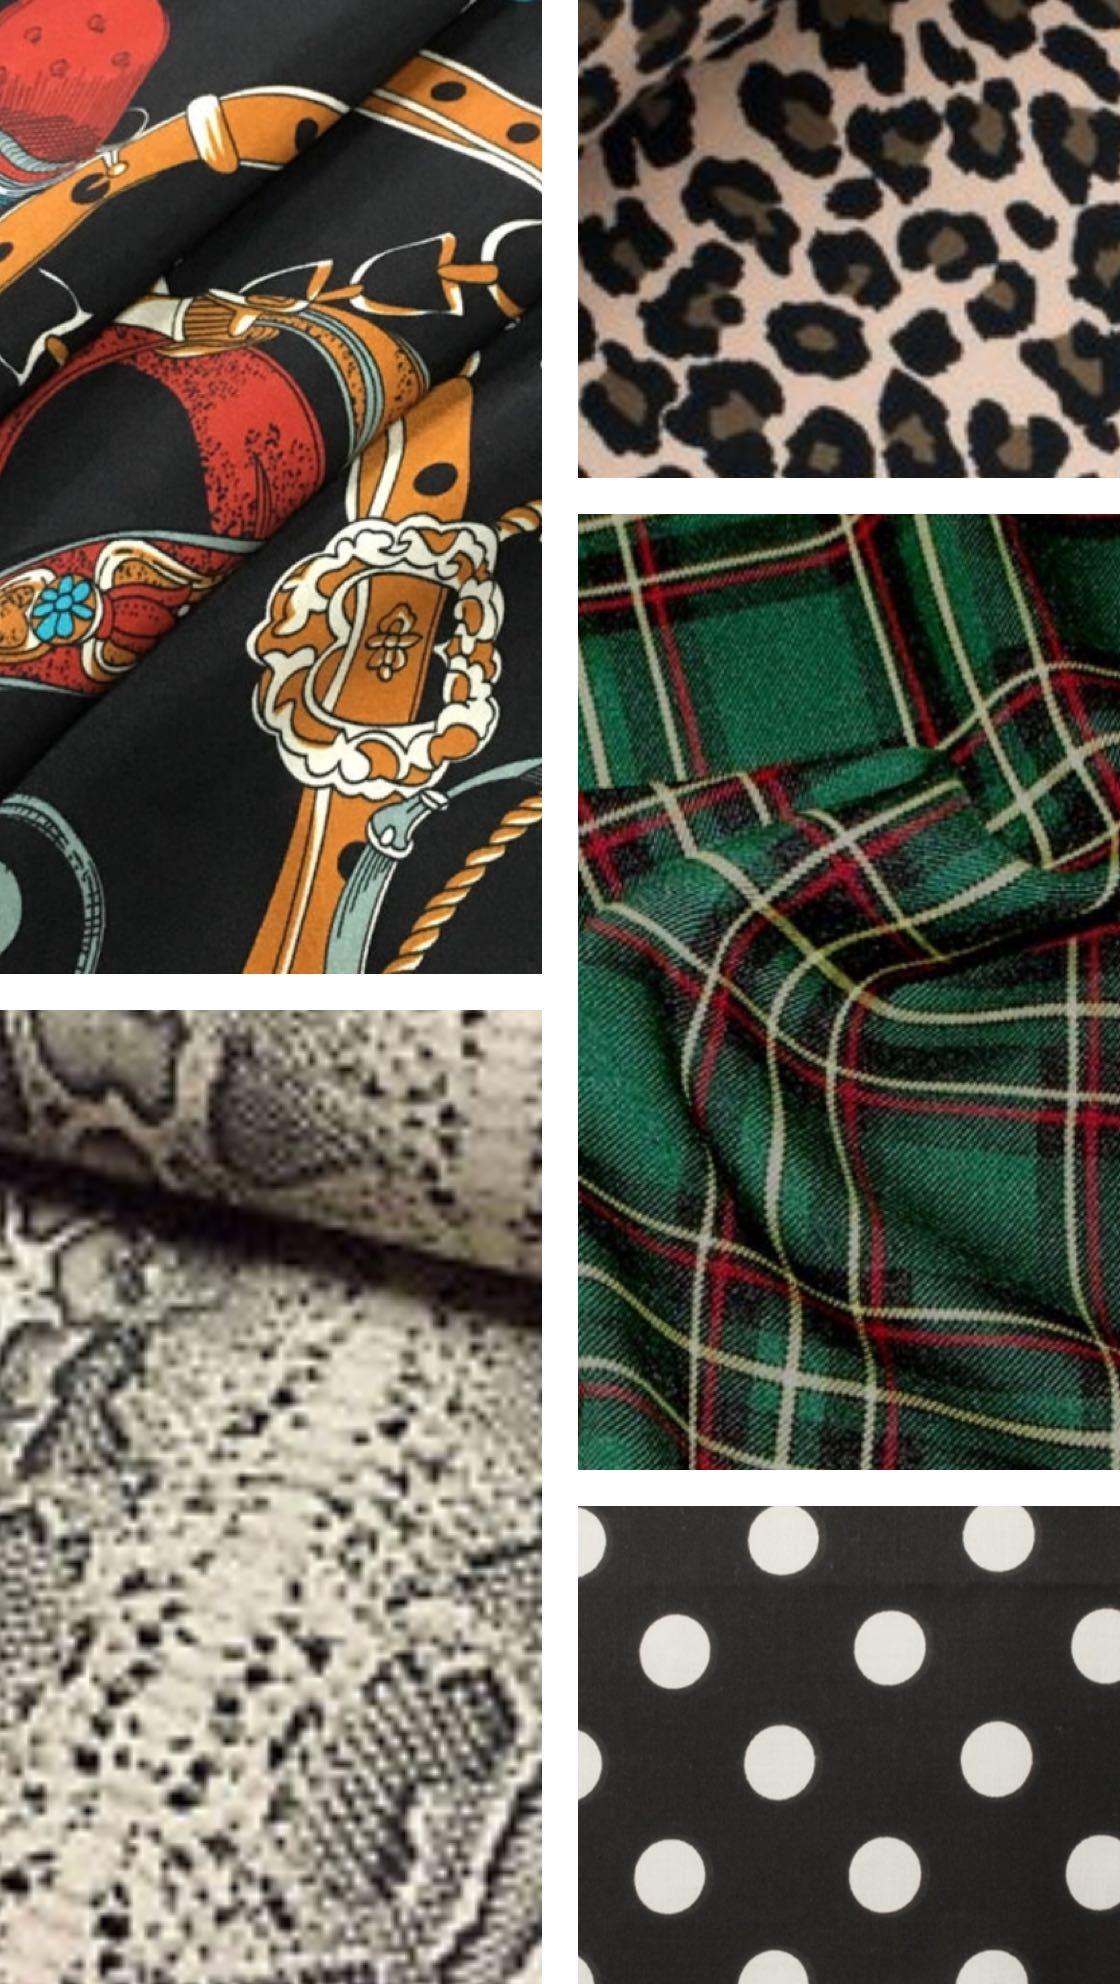 Miss-Suzie-Loves-Camouflage-Jacke-Schwarzes-Kleid-Trend-Muster-2018-Susanne-Heidebach-Blog-Gucci-Marmont-Curvyblogger